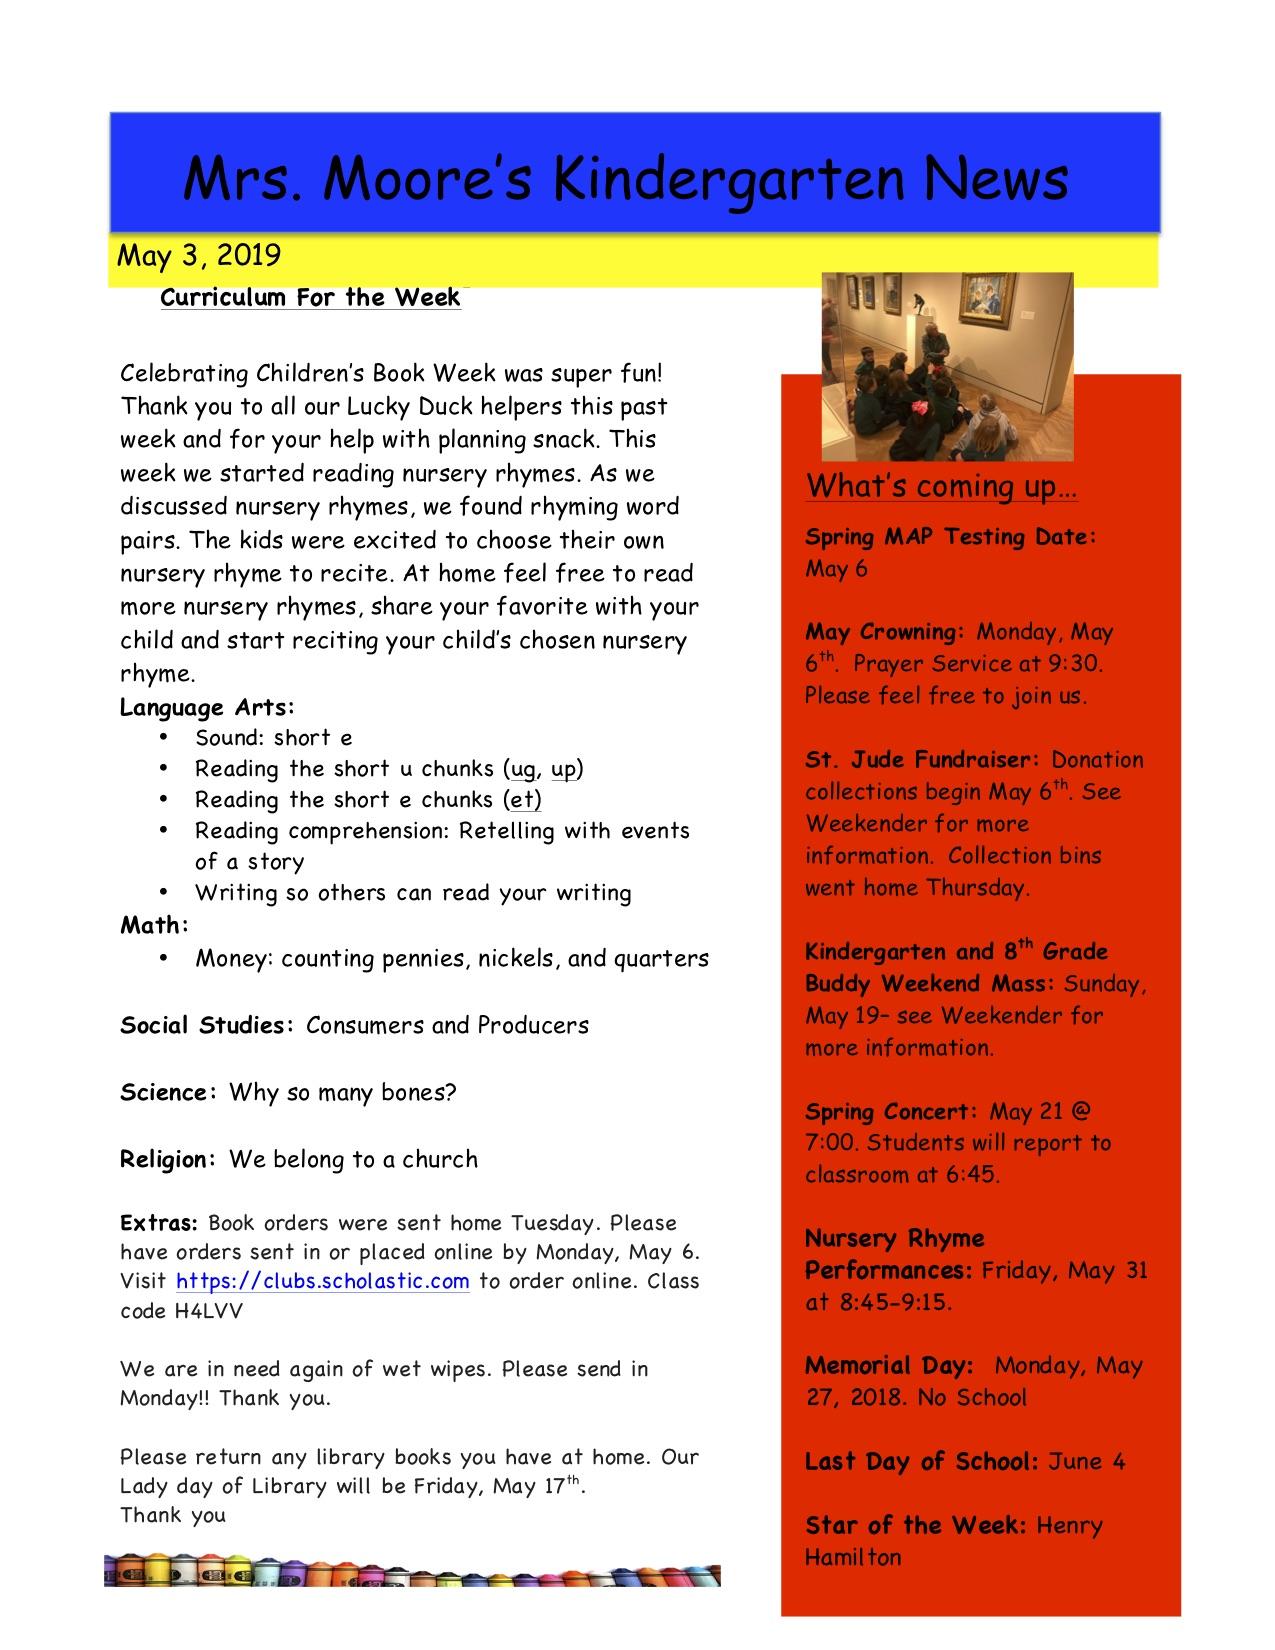 MooreNewsletter Week 5-3-19.jpg